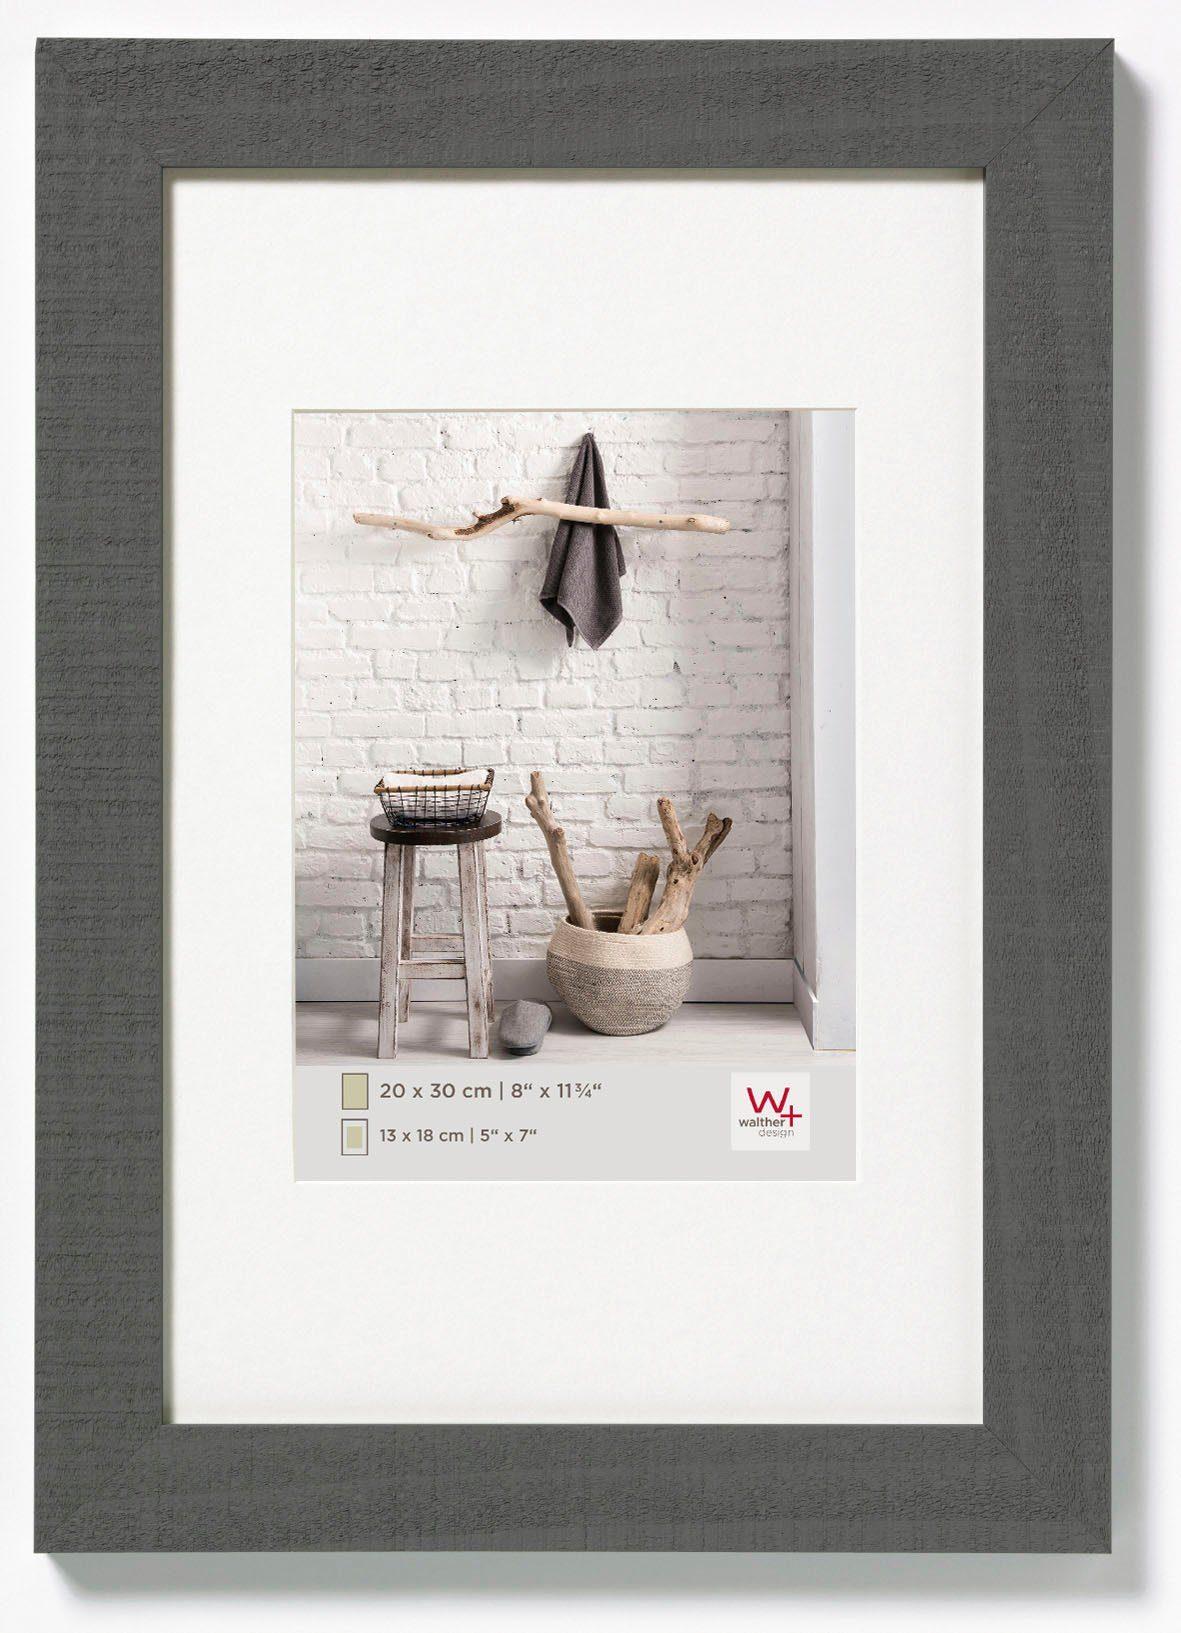 Walther Home Fotolijst Fotomaat 50x70 cm Grijs online kopen